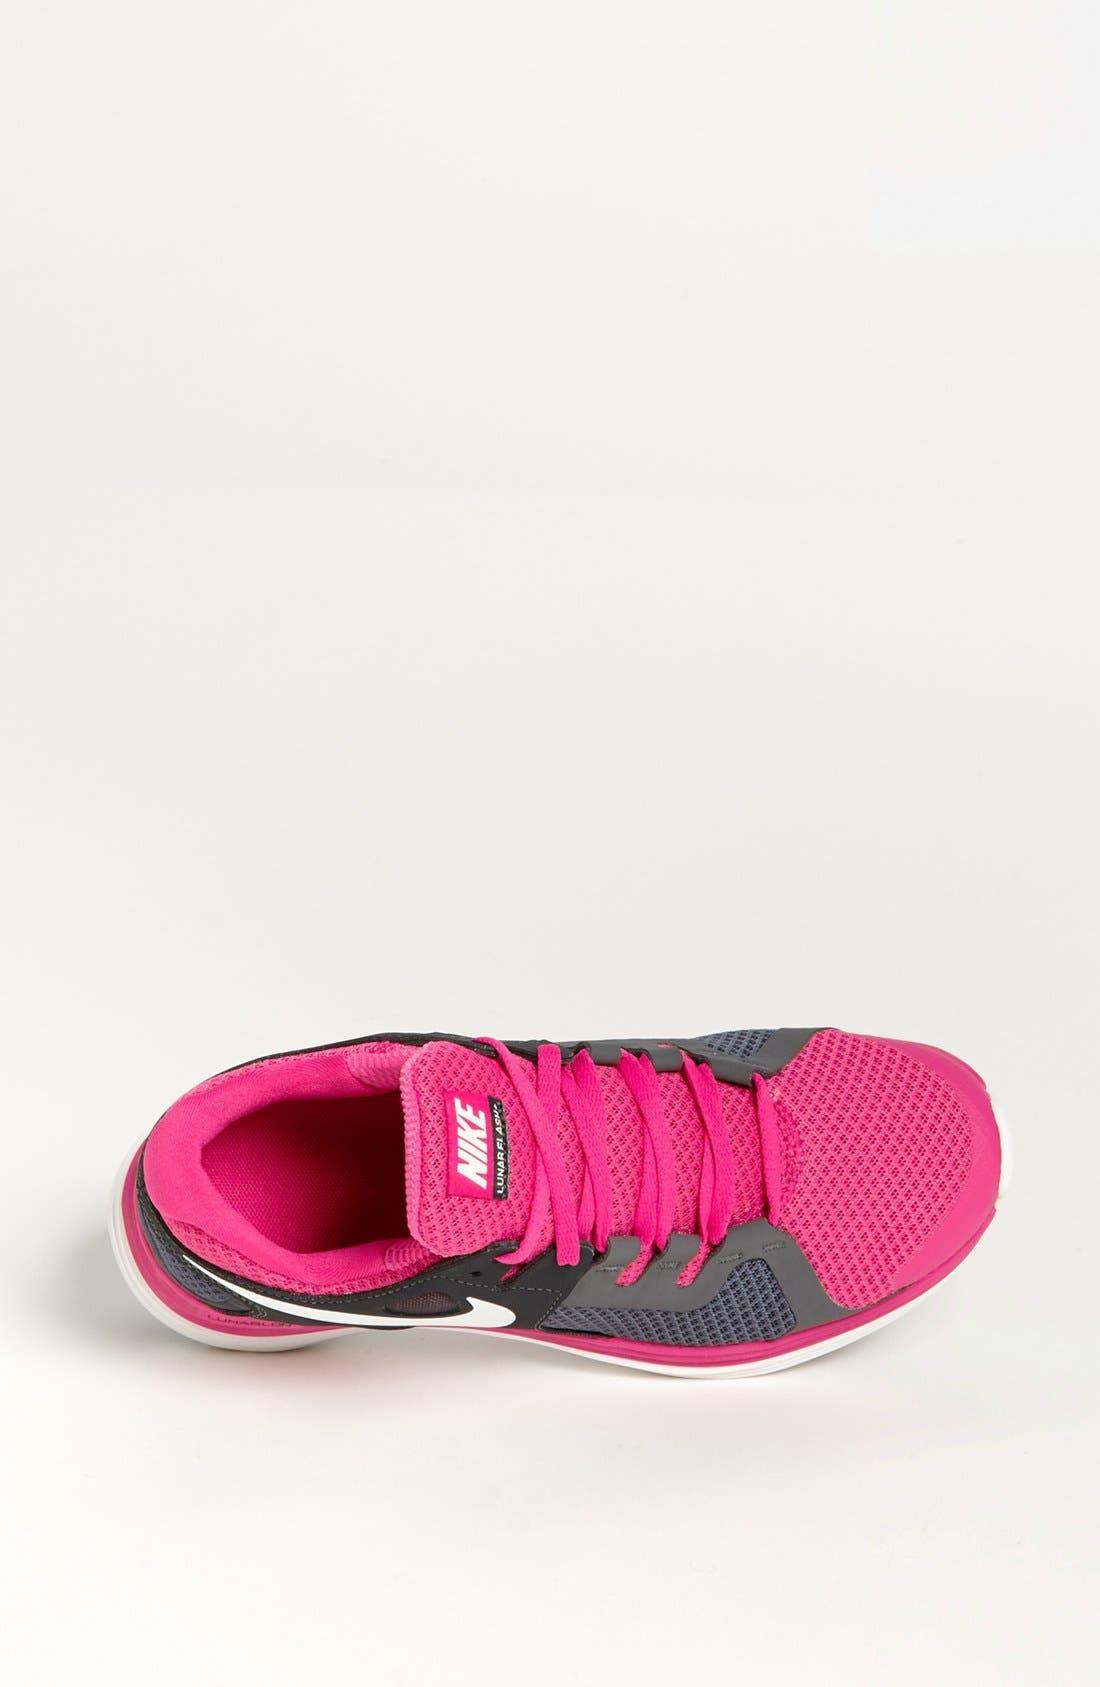 Alternate Image 3  - Nike 'Lunarflash' Running Shoe (Women)